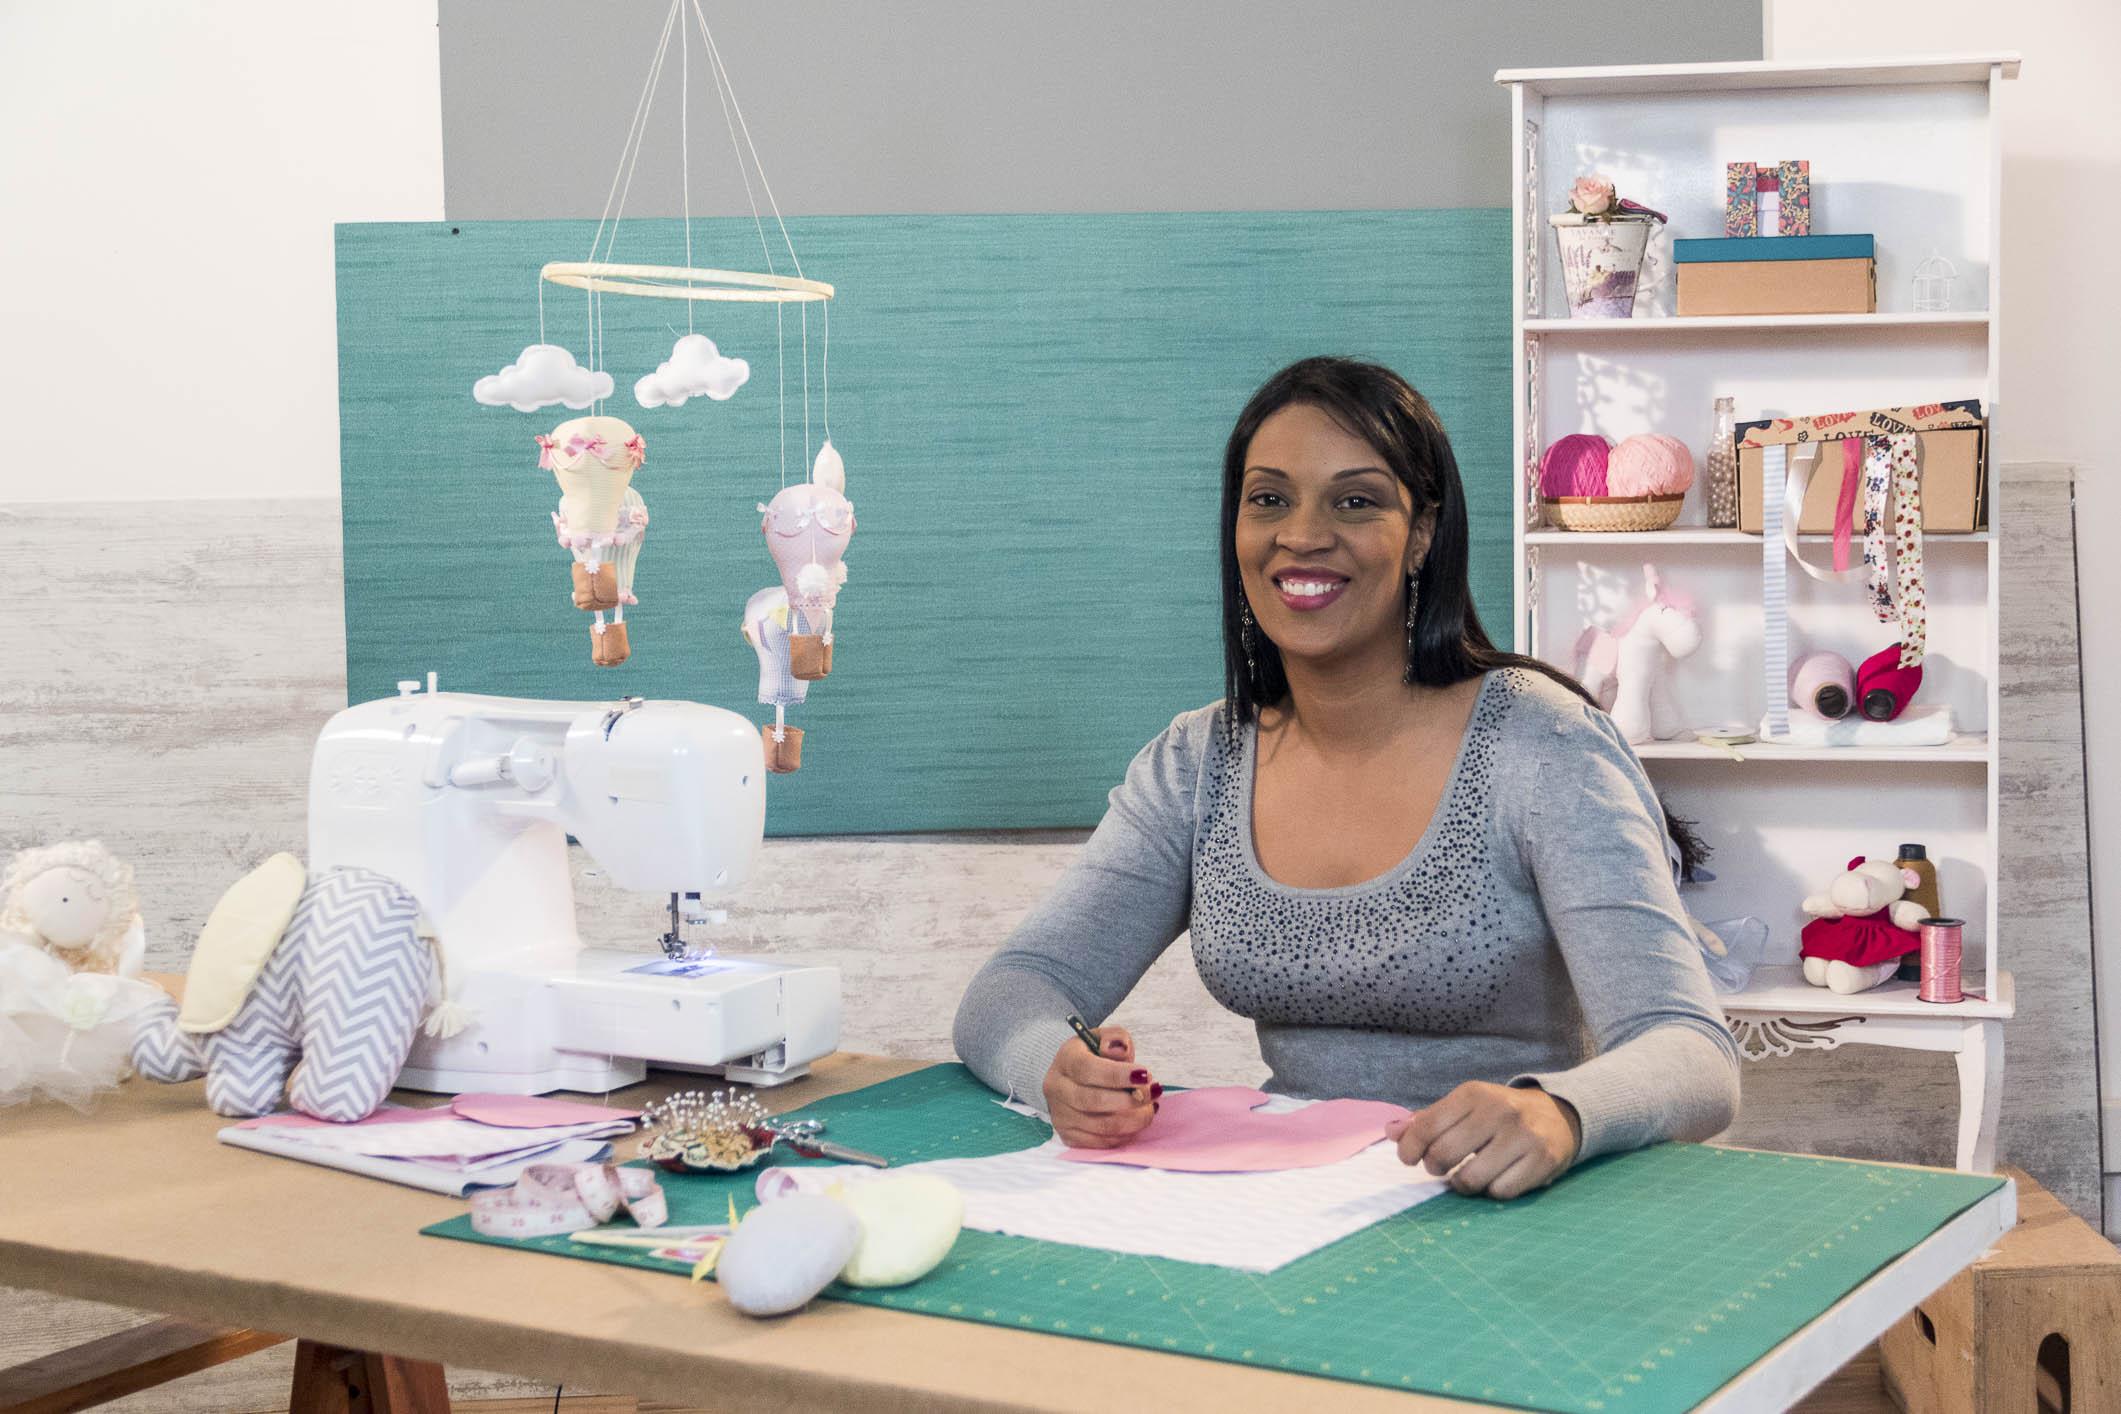 Aprenda com a artista plástica Tati Delphino decoração em tecido: anjos, fadas e encantos!